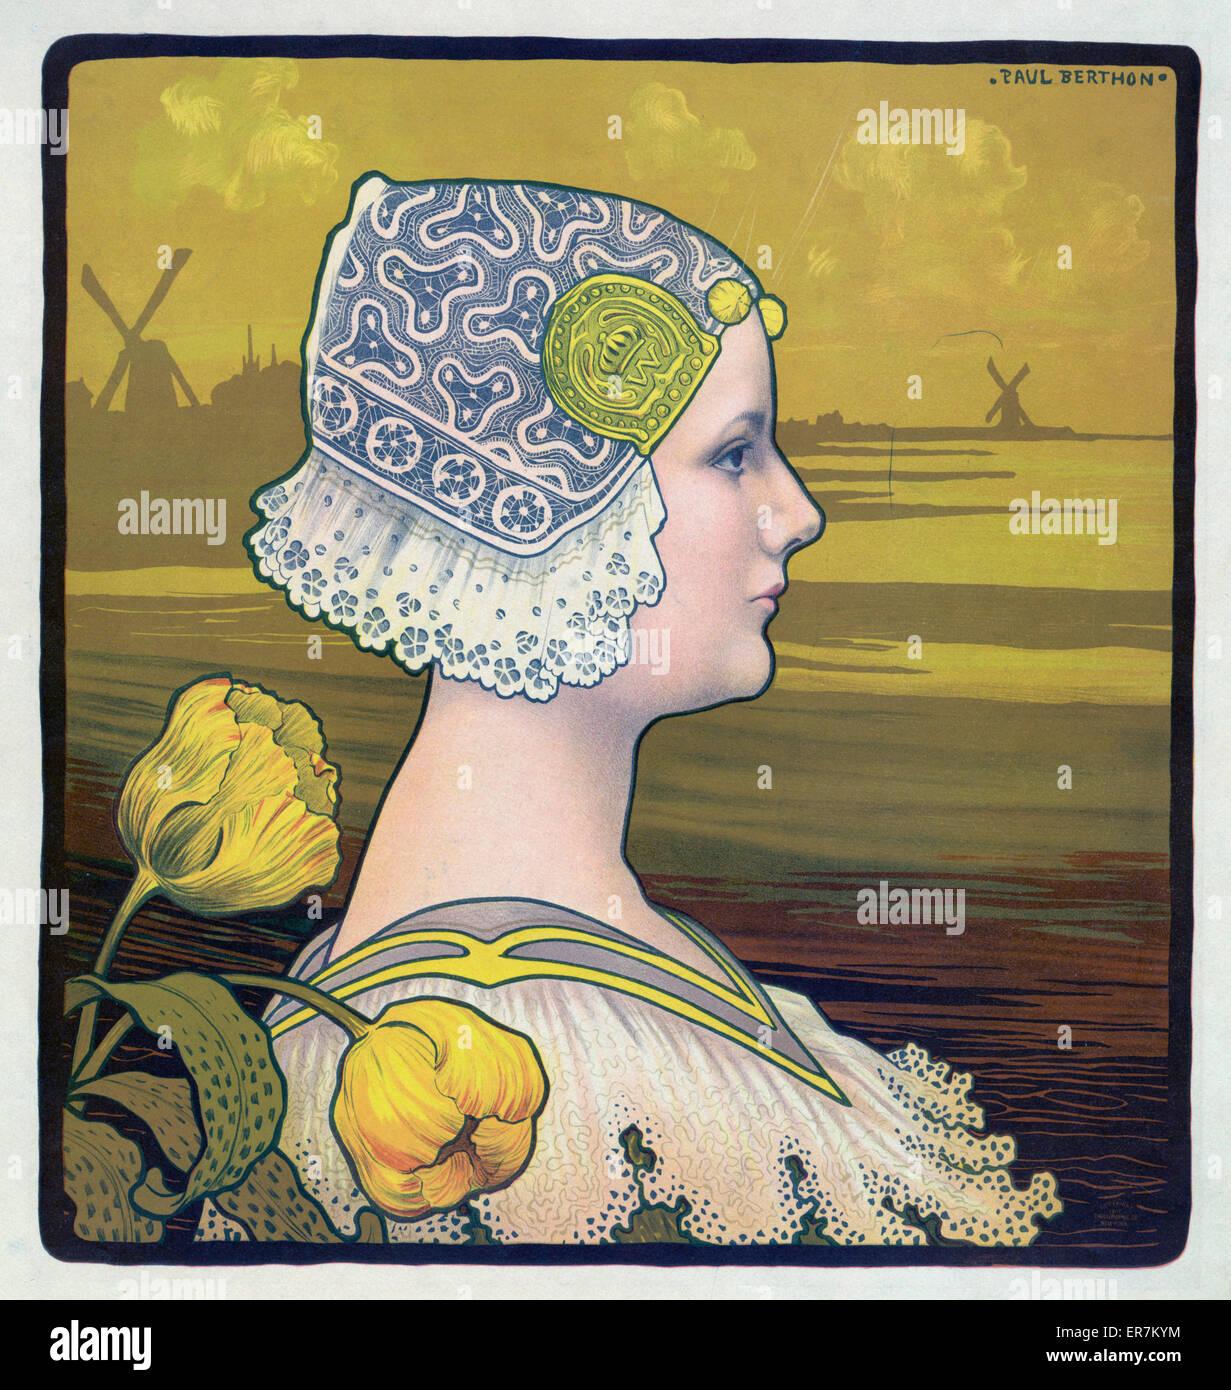 Sa tres gracieuse majeste. La reine wilhelmine. Date c1901 Nov. 13. - Stock Image